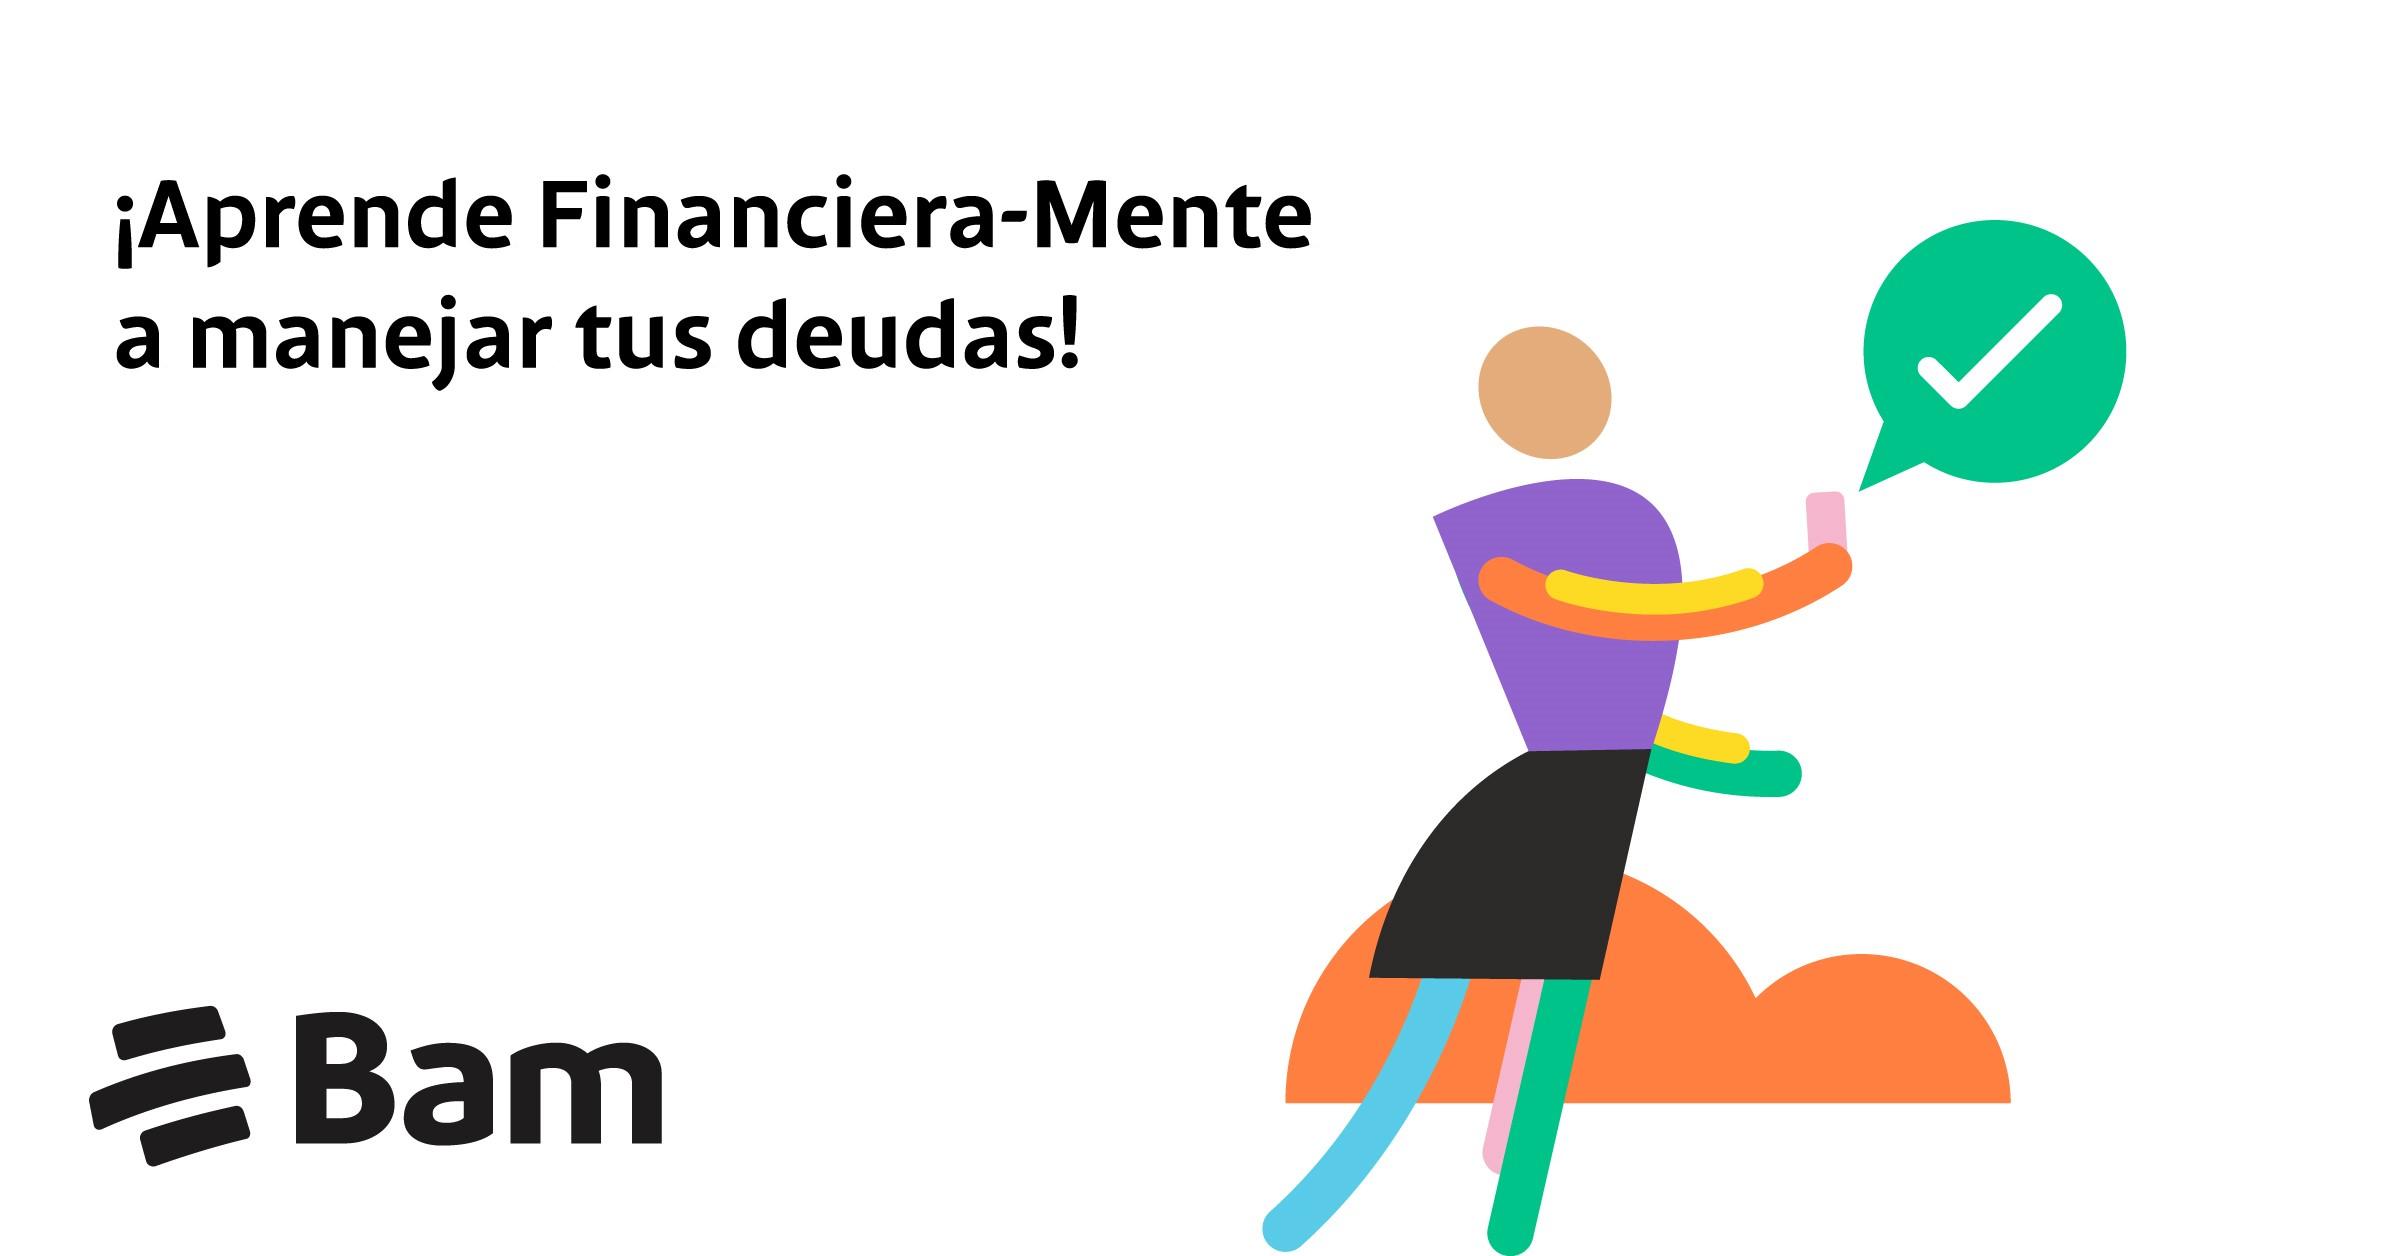 Bam, uno de los 10 grupos financieros más grandes de Latinoamérica, compartió durante un webinar parte de la iniciativa Financiera-mente. La cual tiene como objetivo dar recomendaciones útiles para una adecuada administración del Bono 14.